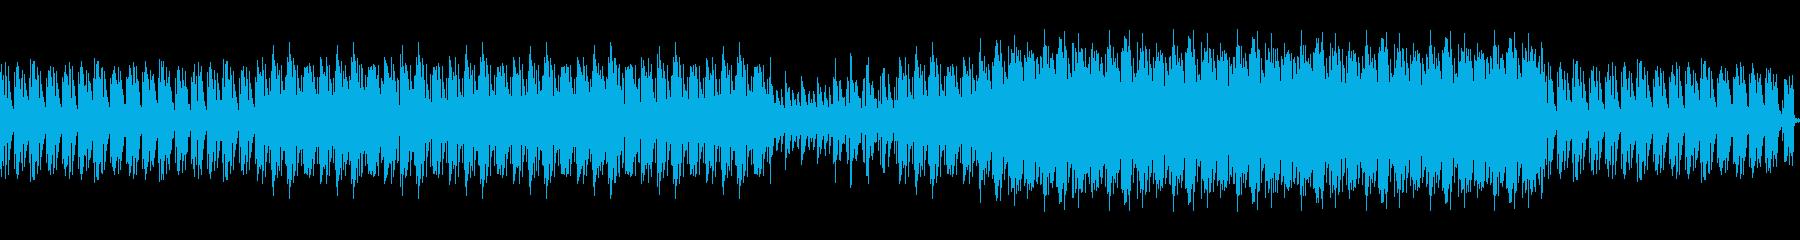 ニューディスコ。ソフトリラックス、未来の再生済みの波形